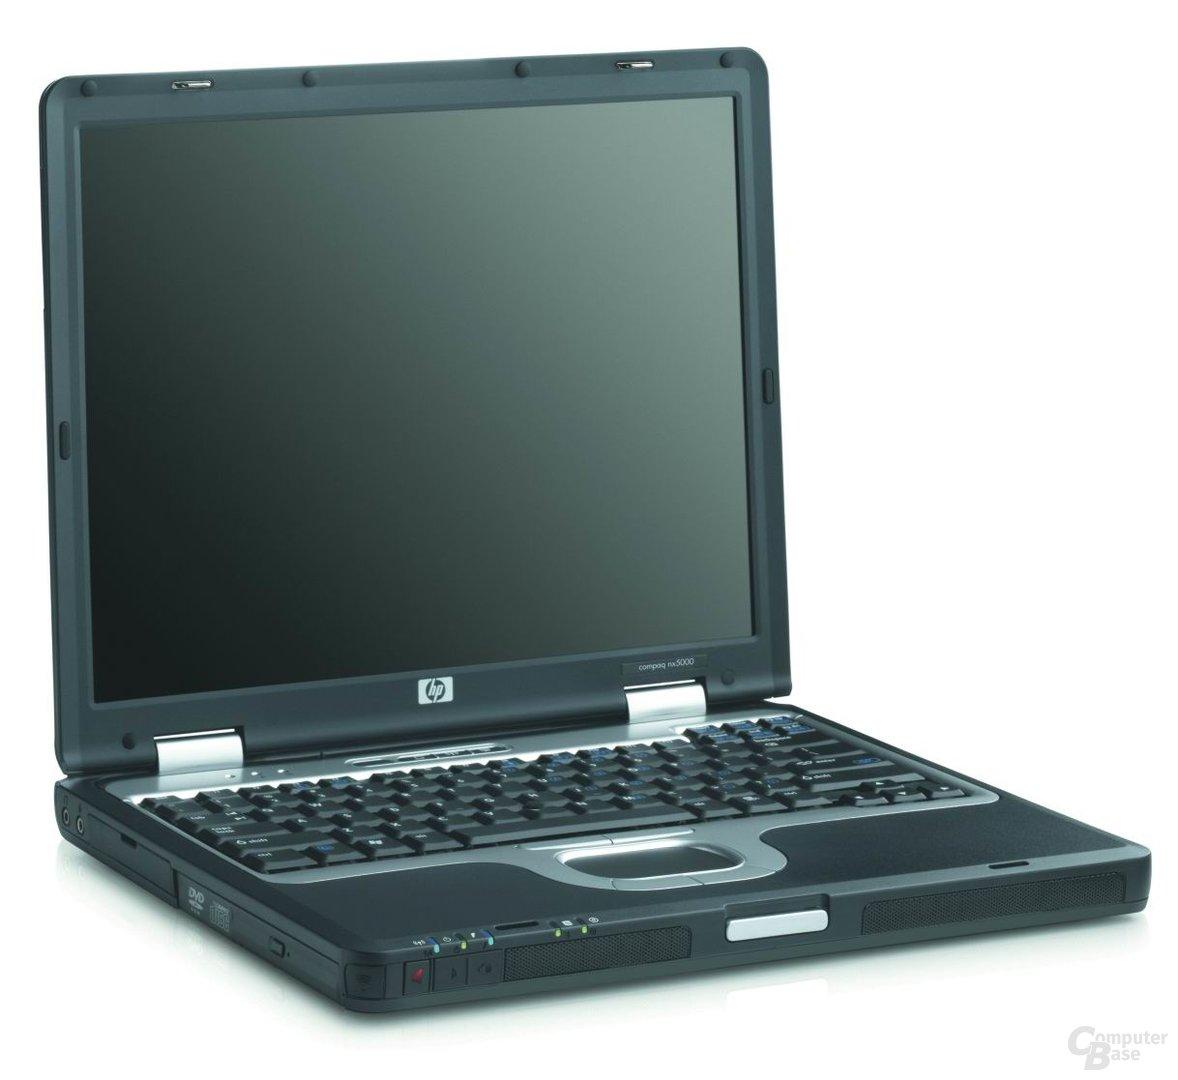 HP Compaq nx5000